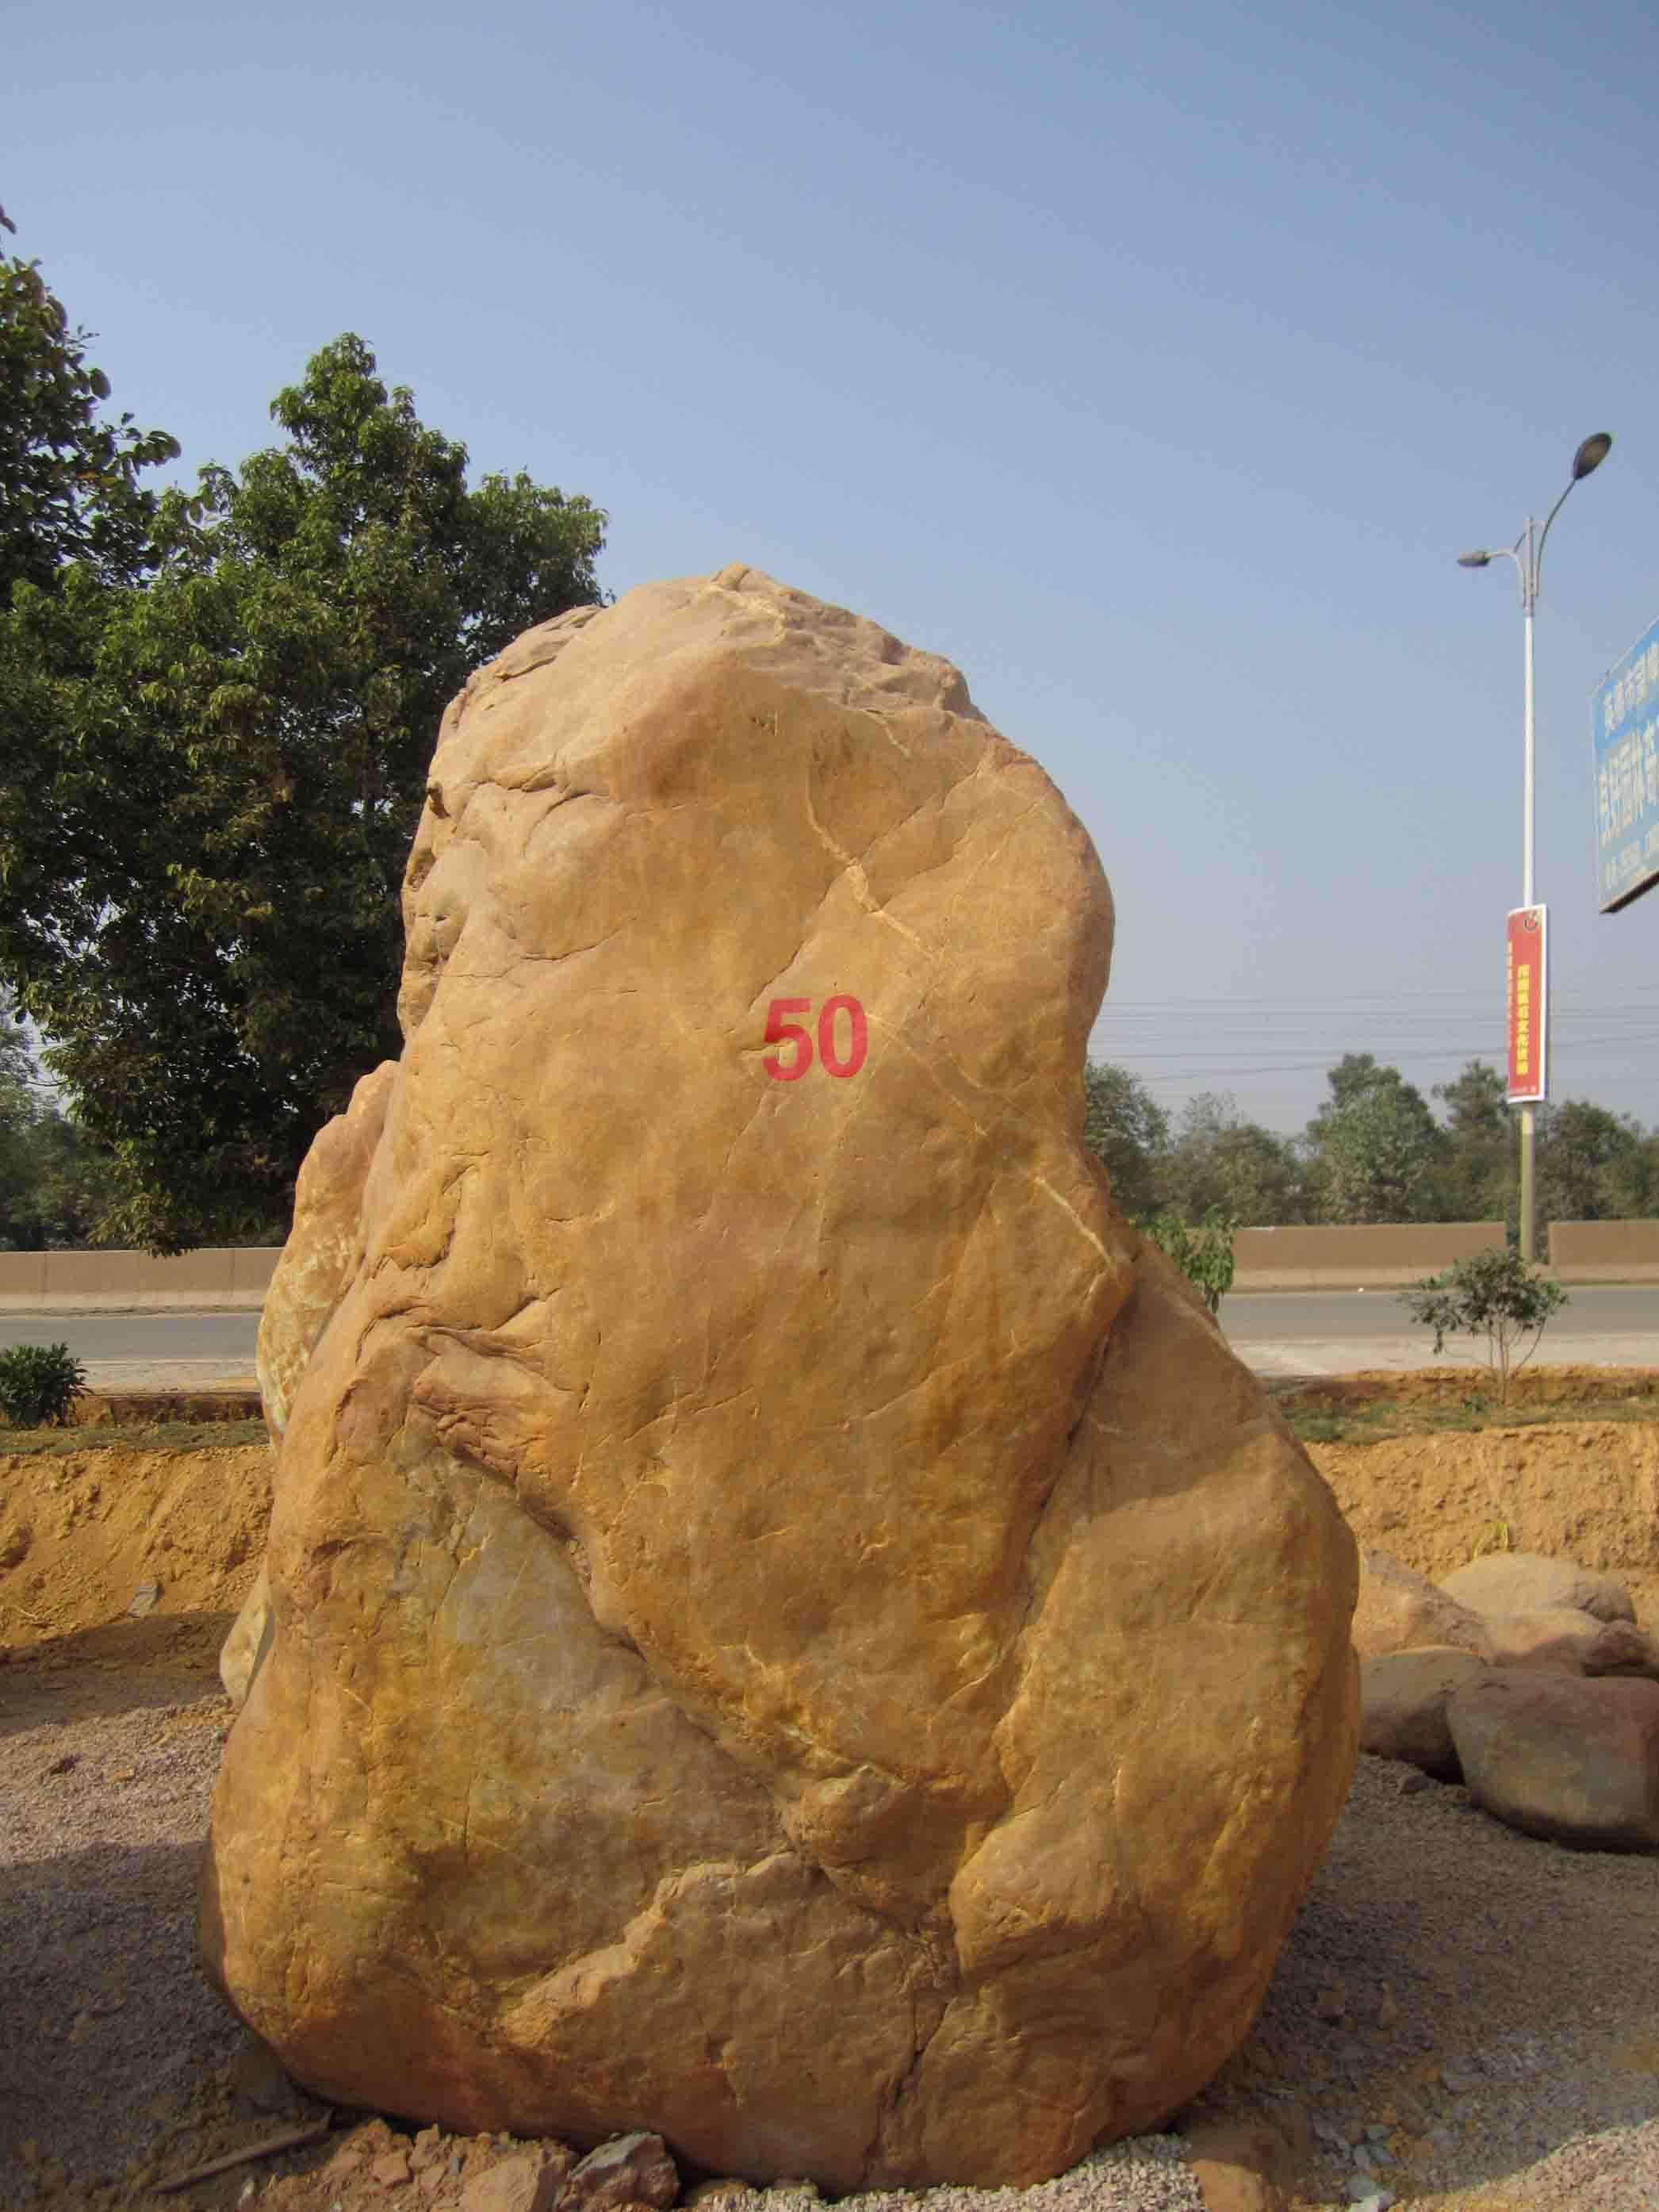 50号石原装石景观石园林石黄腊石